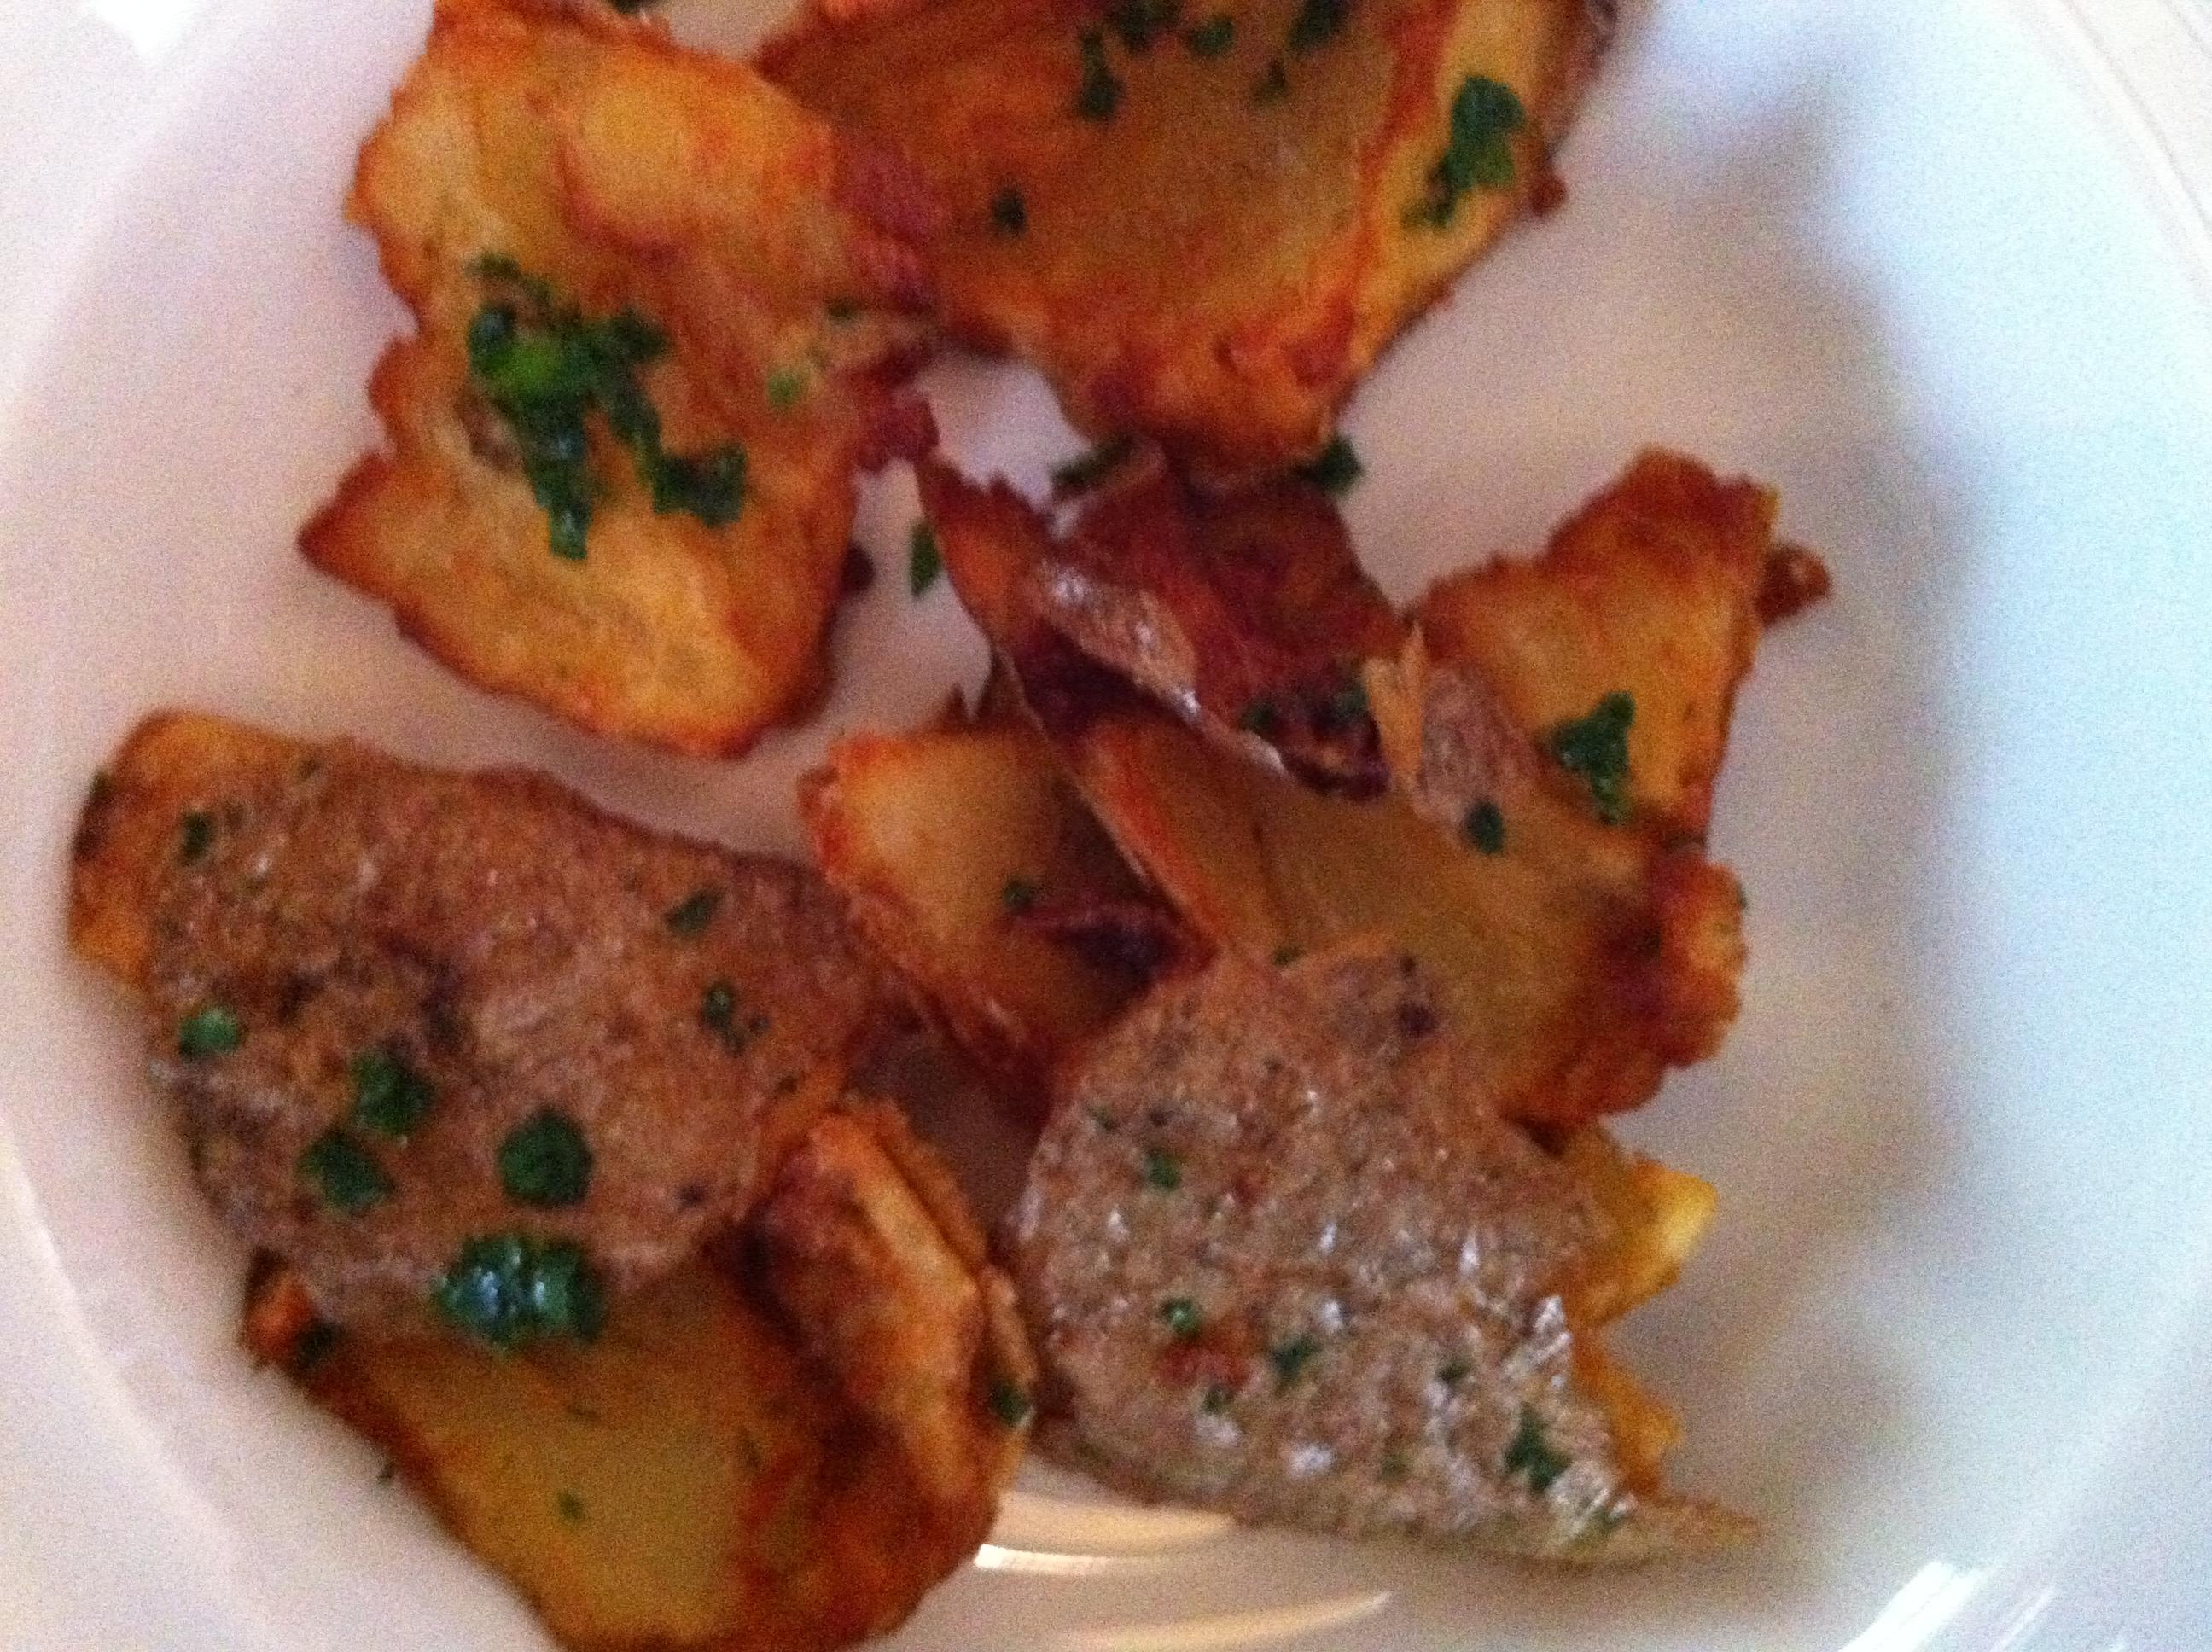 As batatas fritas mais gostosas que comi, em muito tempo. Só perdem para as que a minha avó fazia. Nunca consegui fazer igual e não encontrei nada parecido até hoje. Estas foram cozidas, rasgadas e fritas por imersão, finalizadas com flor de sal.